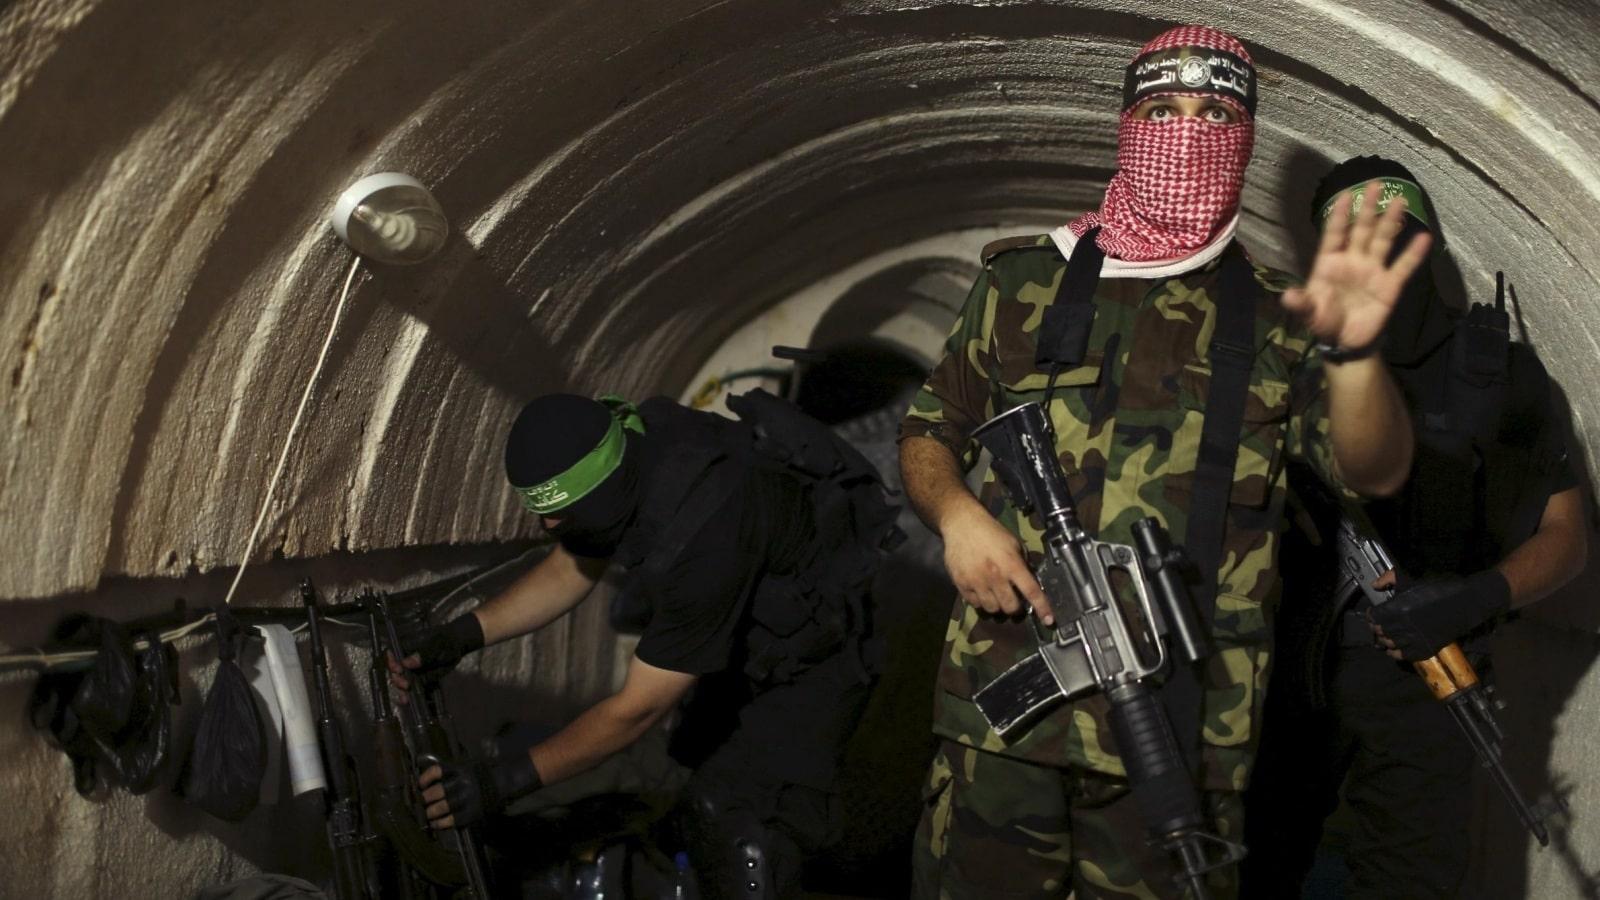 فيديو من داخل أنفاق غزة التي استخدمتها المقاومة في ضرب إسرائيل يظهر مخازن الأسلحة ومرابض الصواريخ